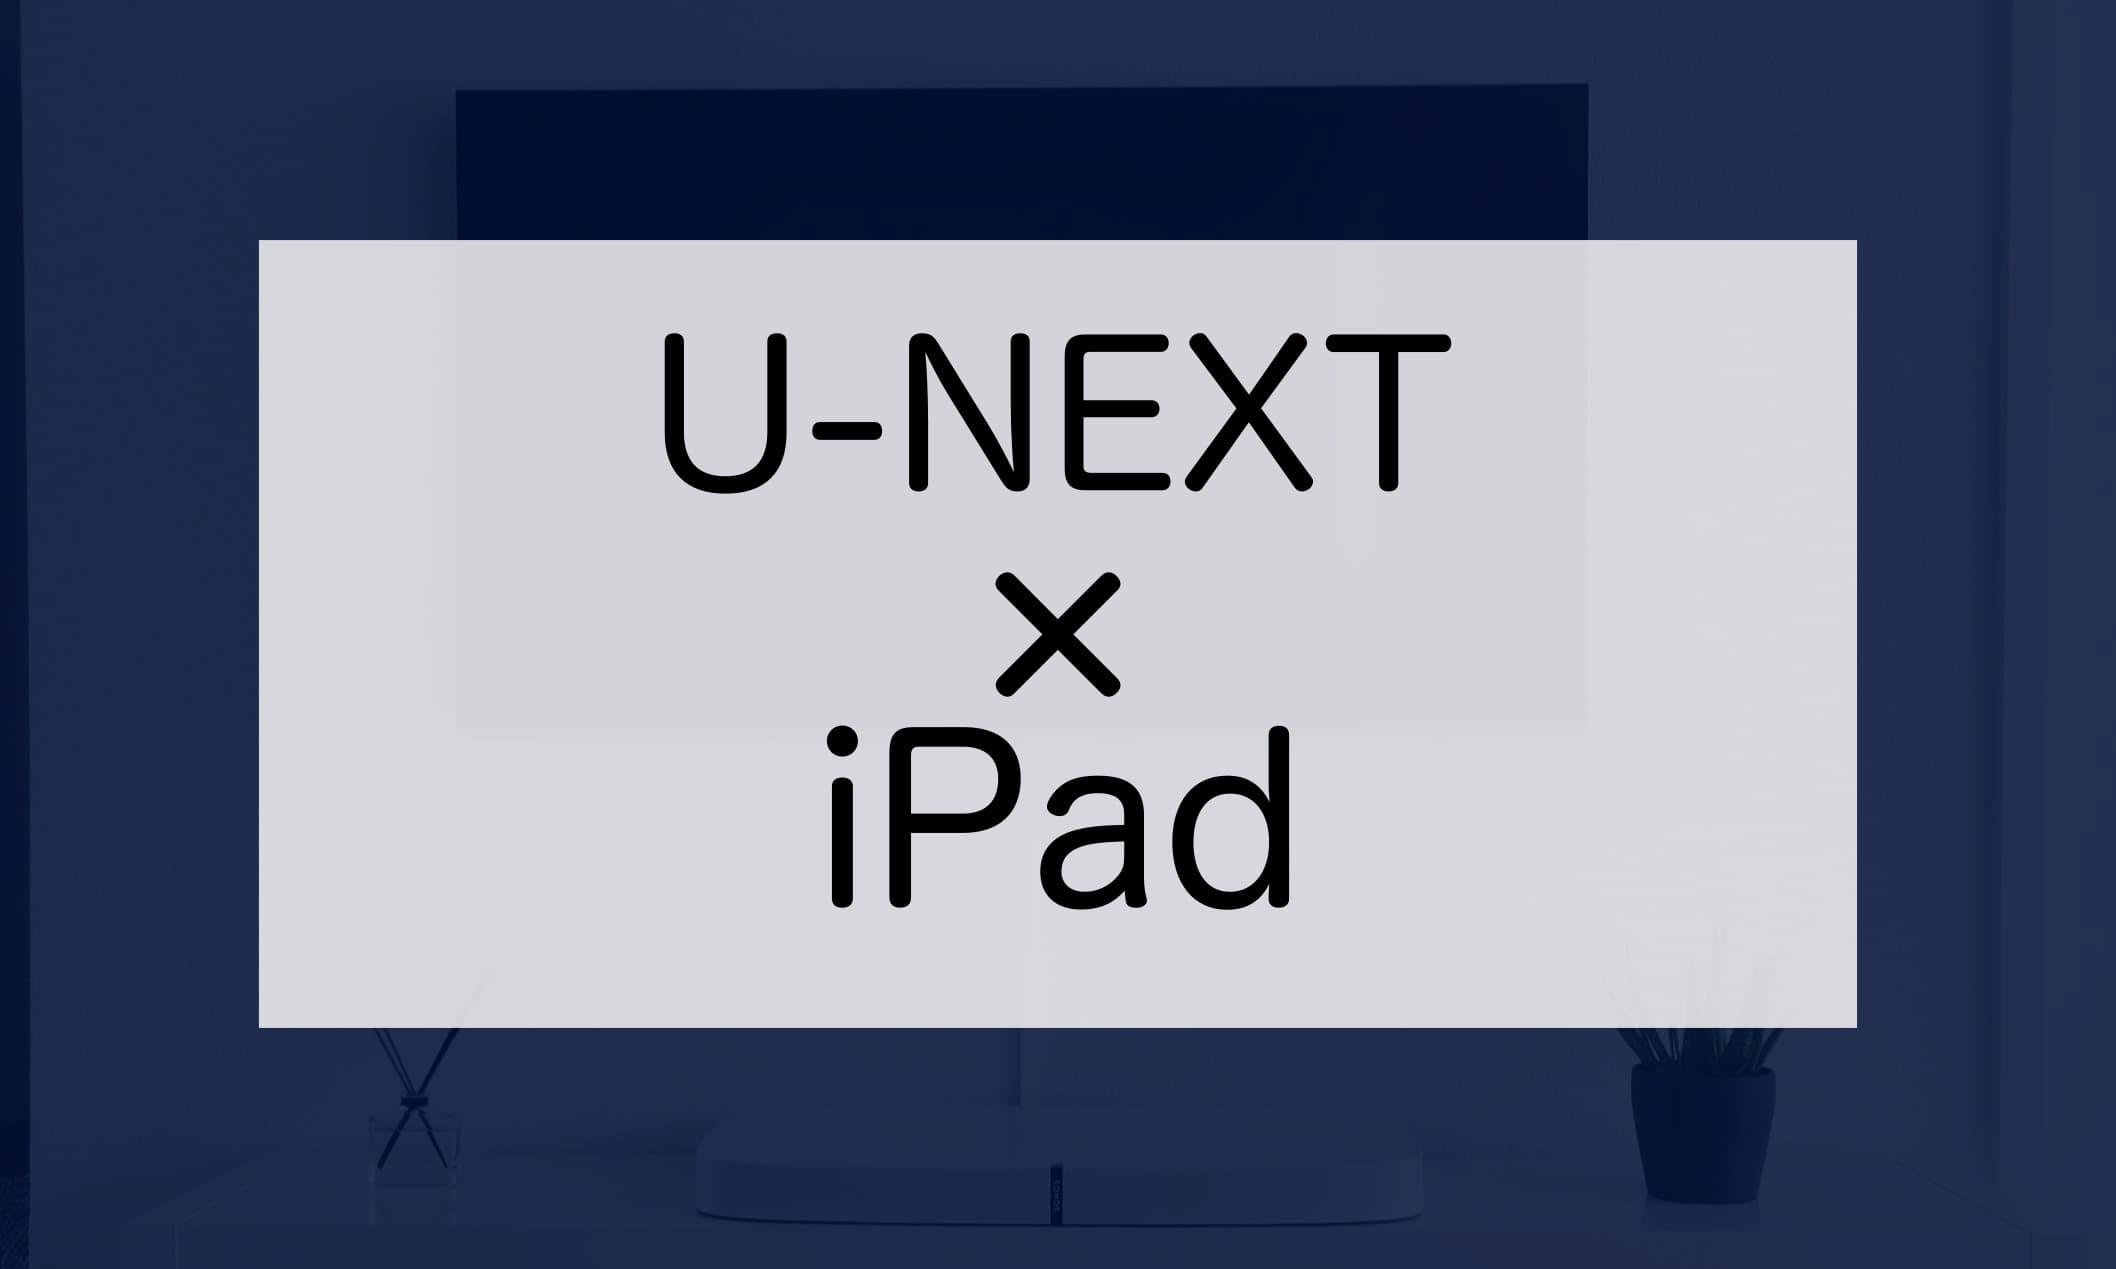 U-NEXTをiPadで視聴する方法について